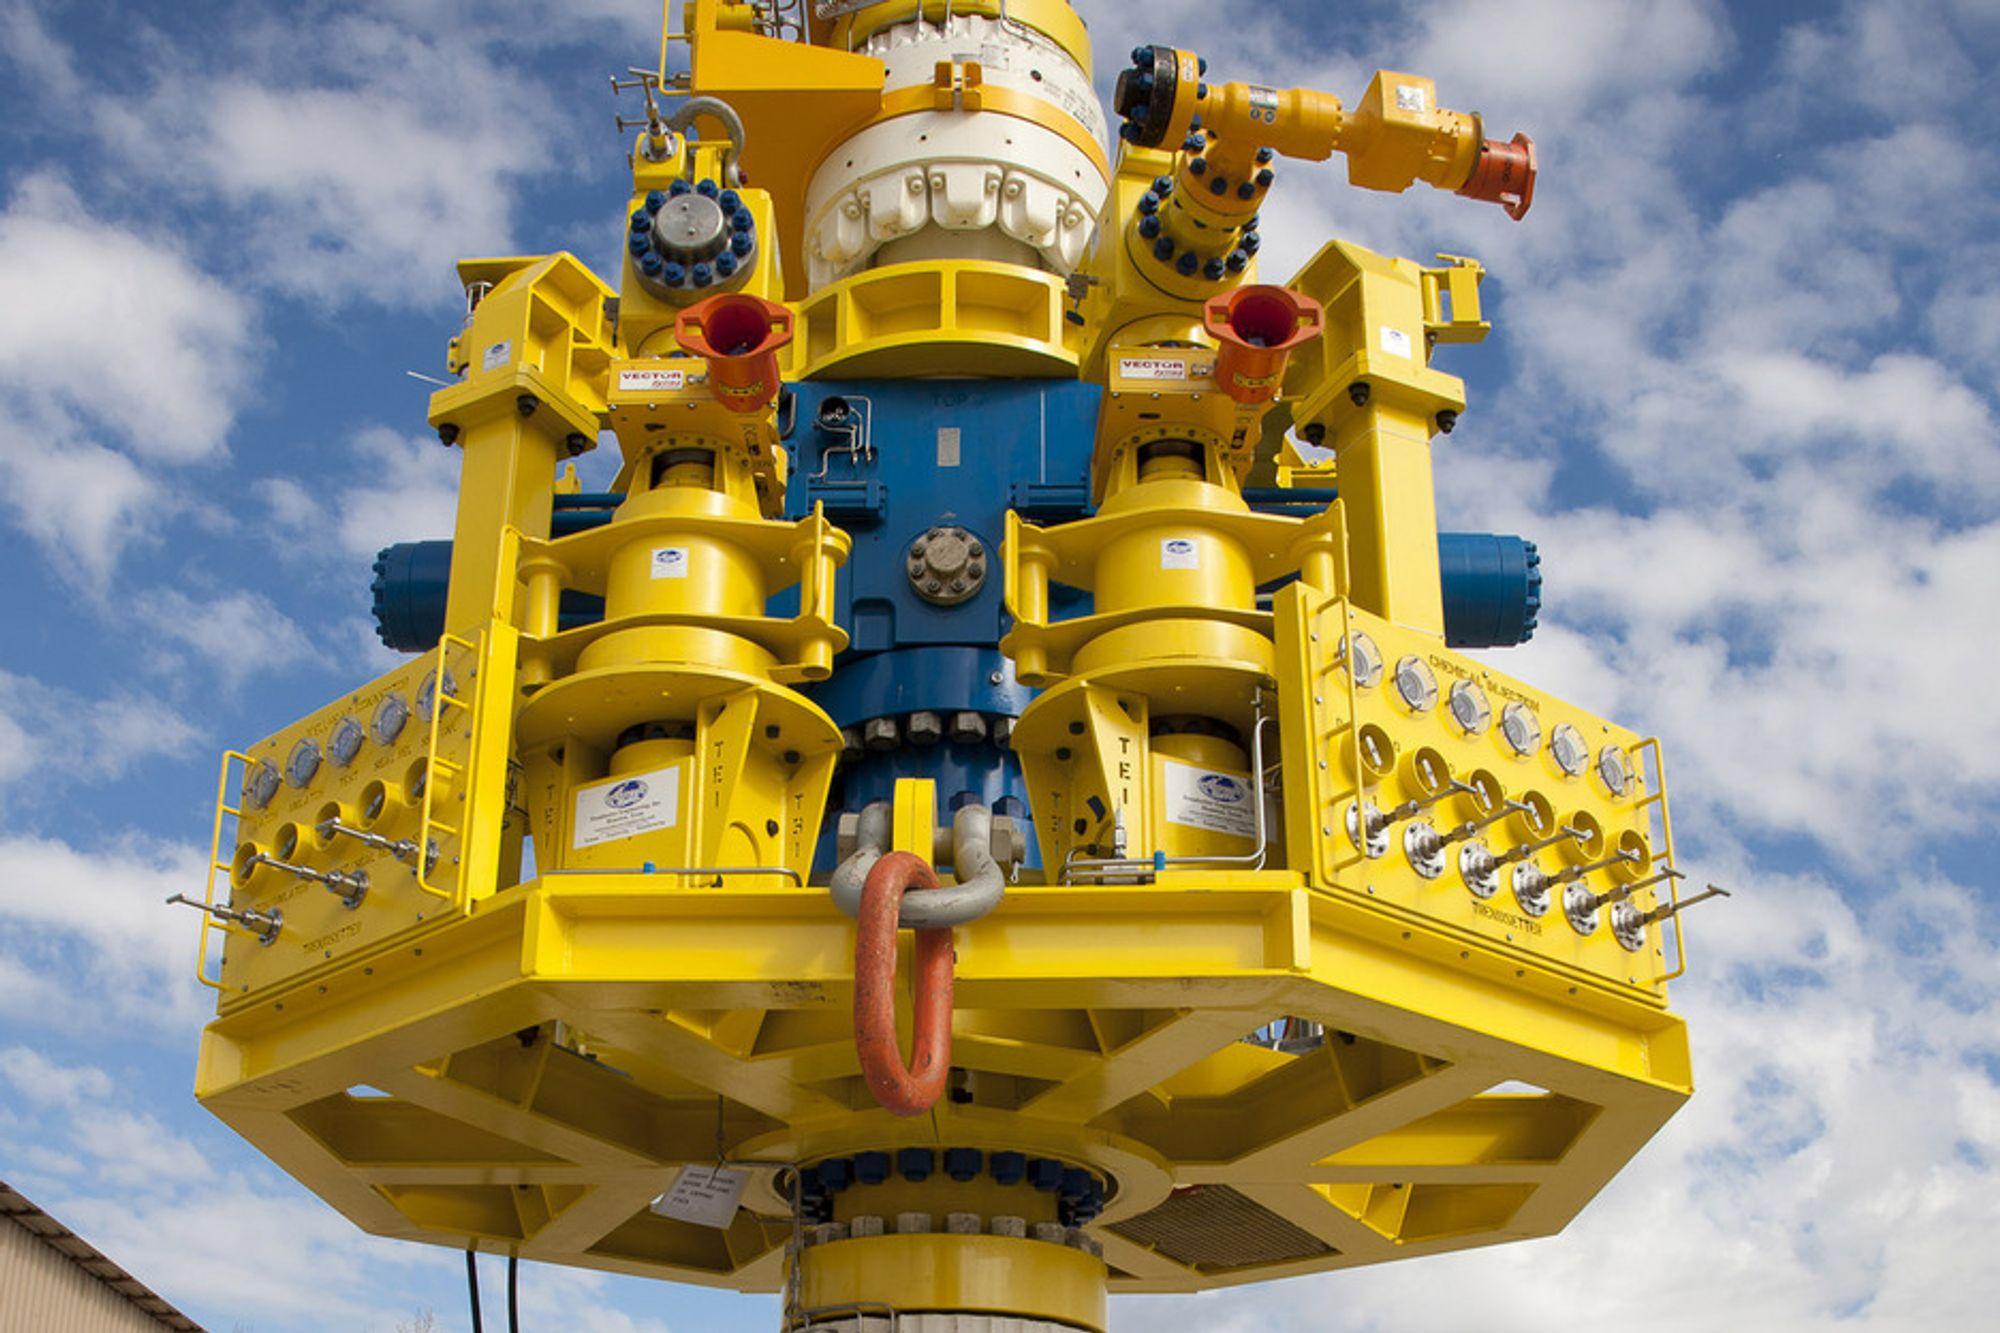 STOR VENTIL: Marine Well Containment Company har bygget en enorm stålhette som skal gjenvinne kontrollen over en oljebrønn med utblåsning. Systemet skal kunne håndtere hele 60 000 fat olje per dag